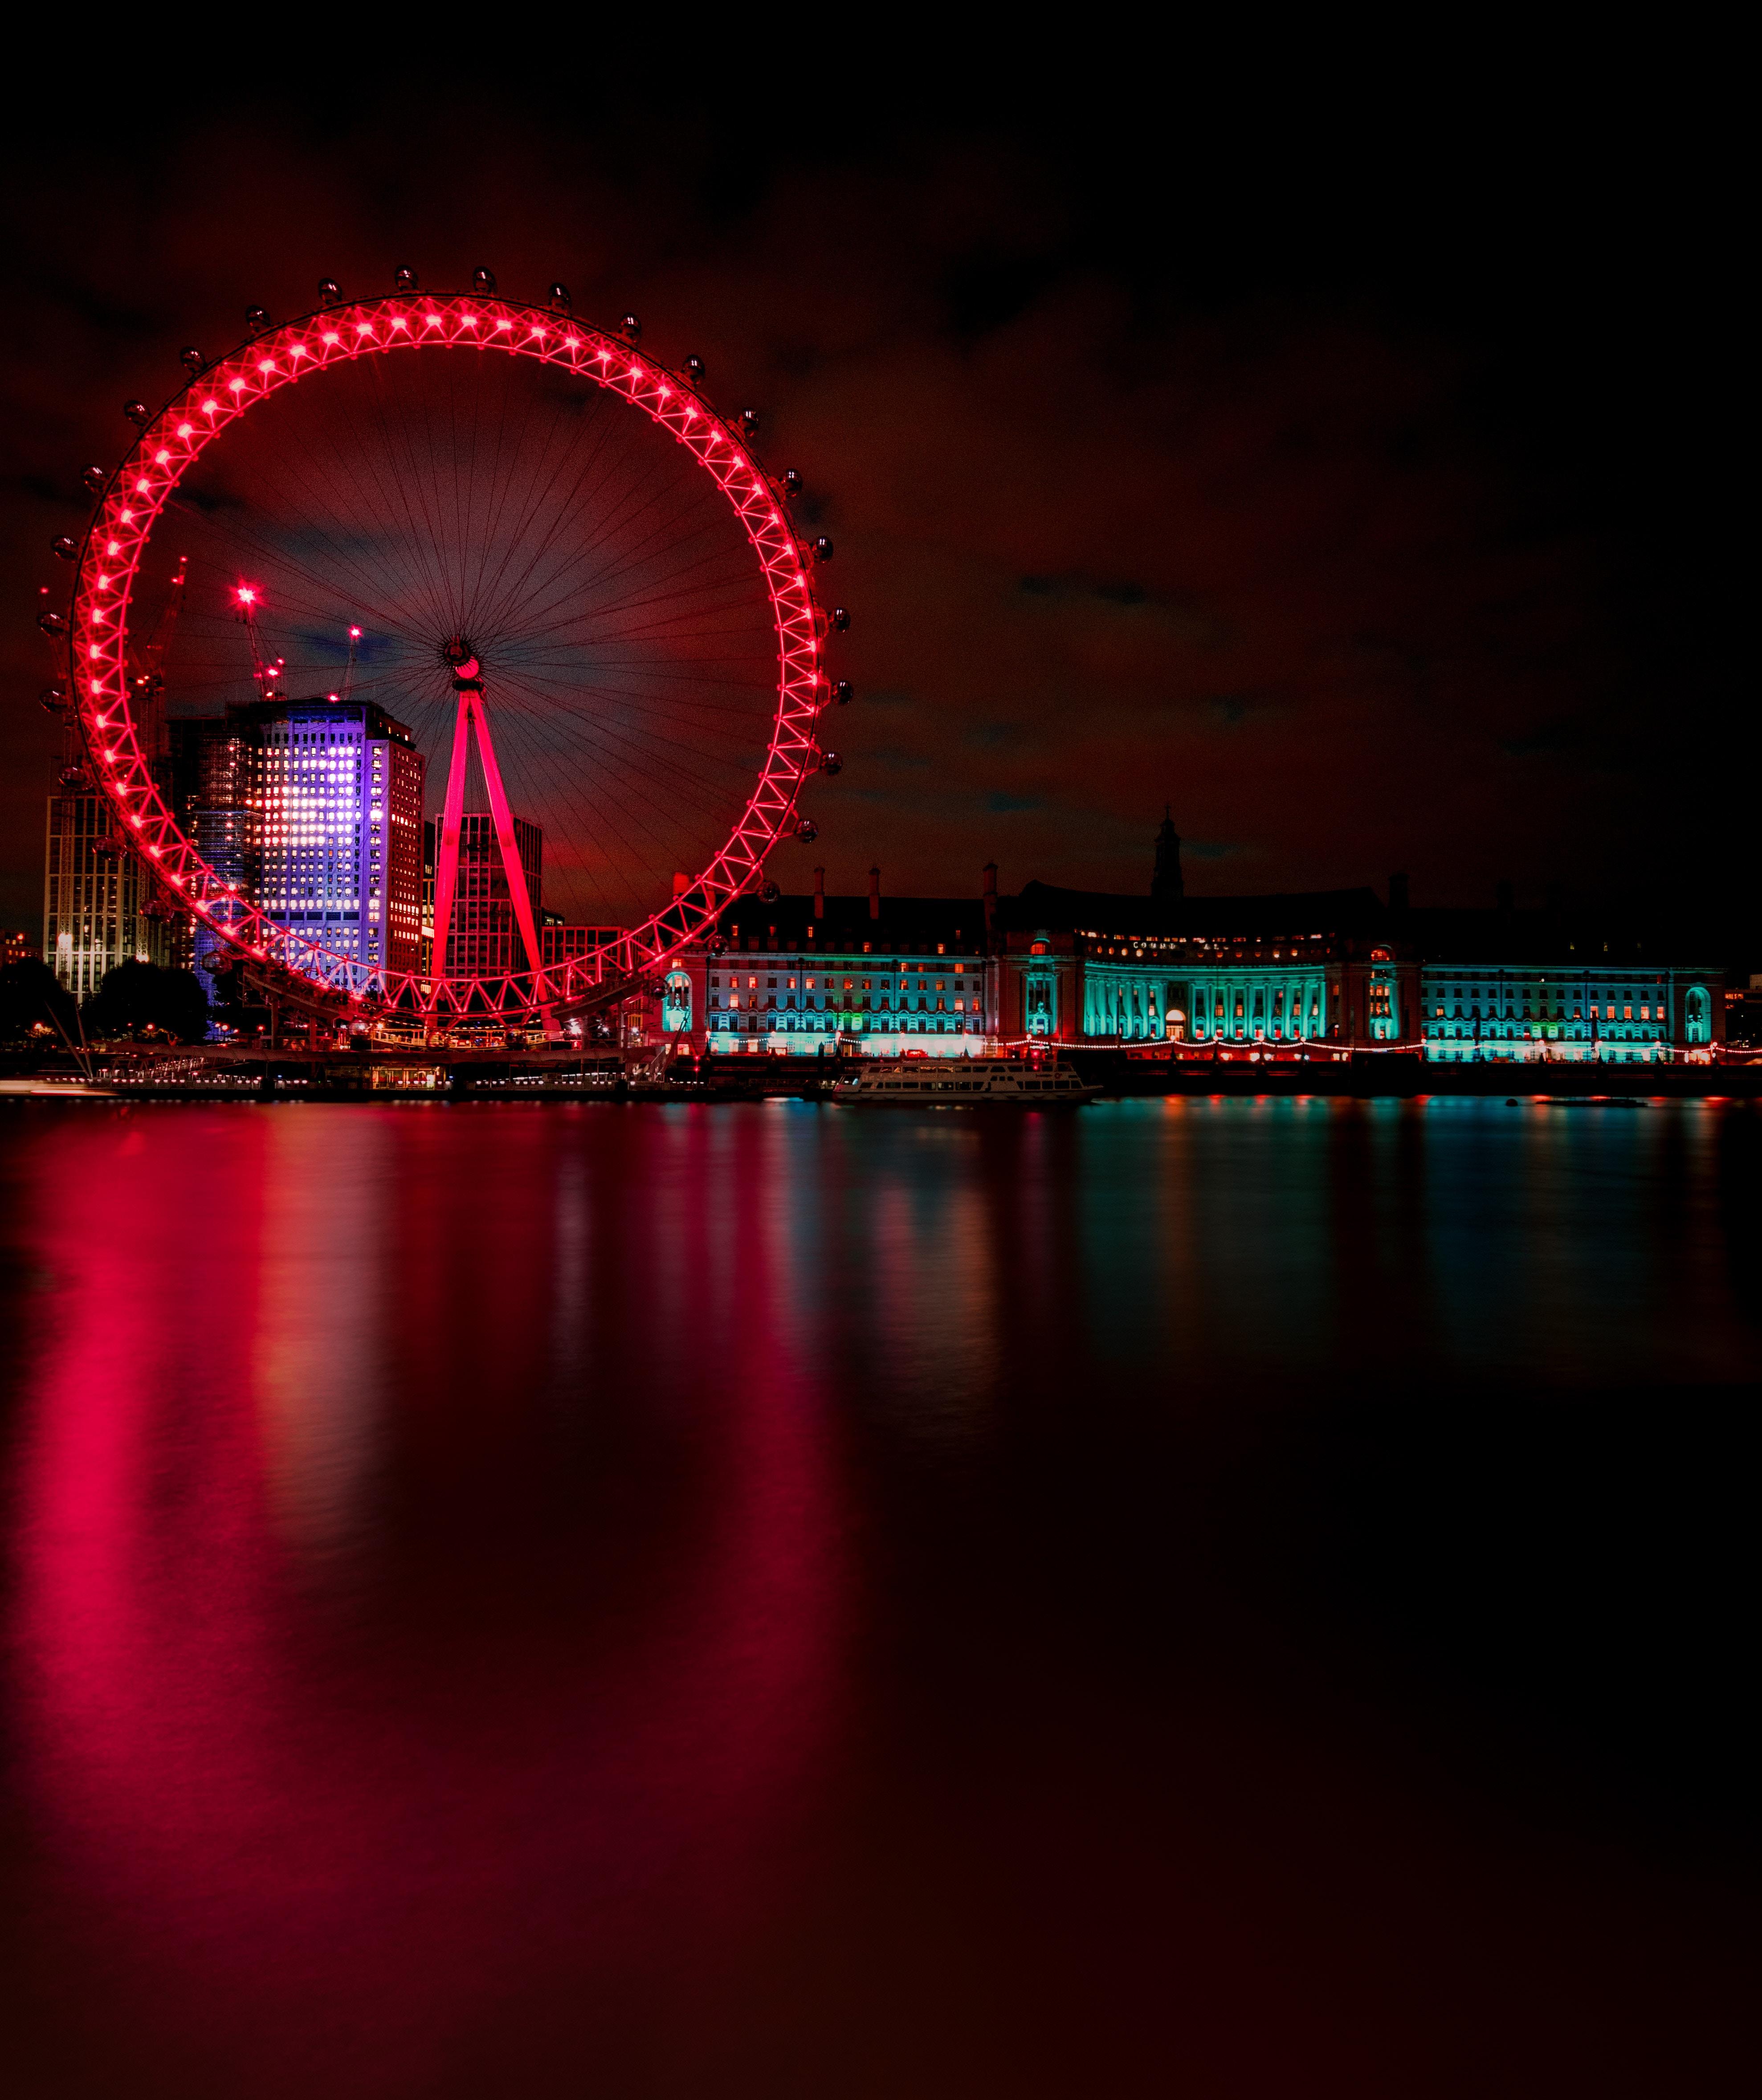 57838 Hintergrundbild herunterladen Städte, Großbritannien, London, Nächtliche Stadt, Night City, Riesenrad, Vereinigtes Königreich - Bildschirmschoner und Bilder kostenlos